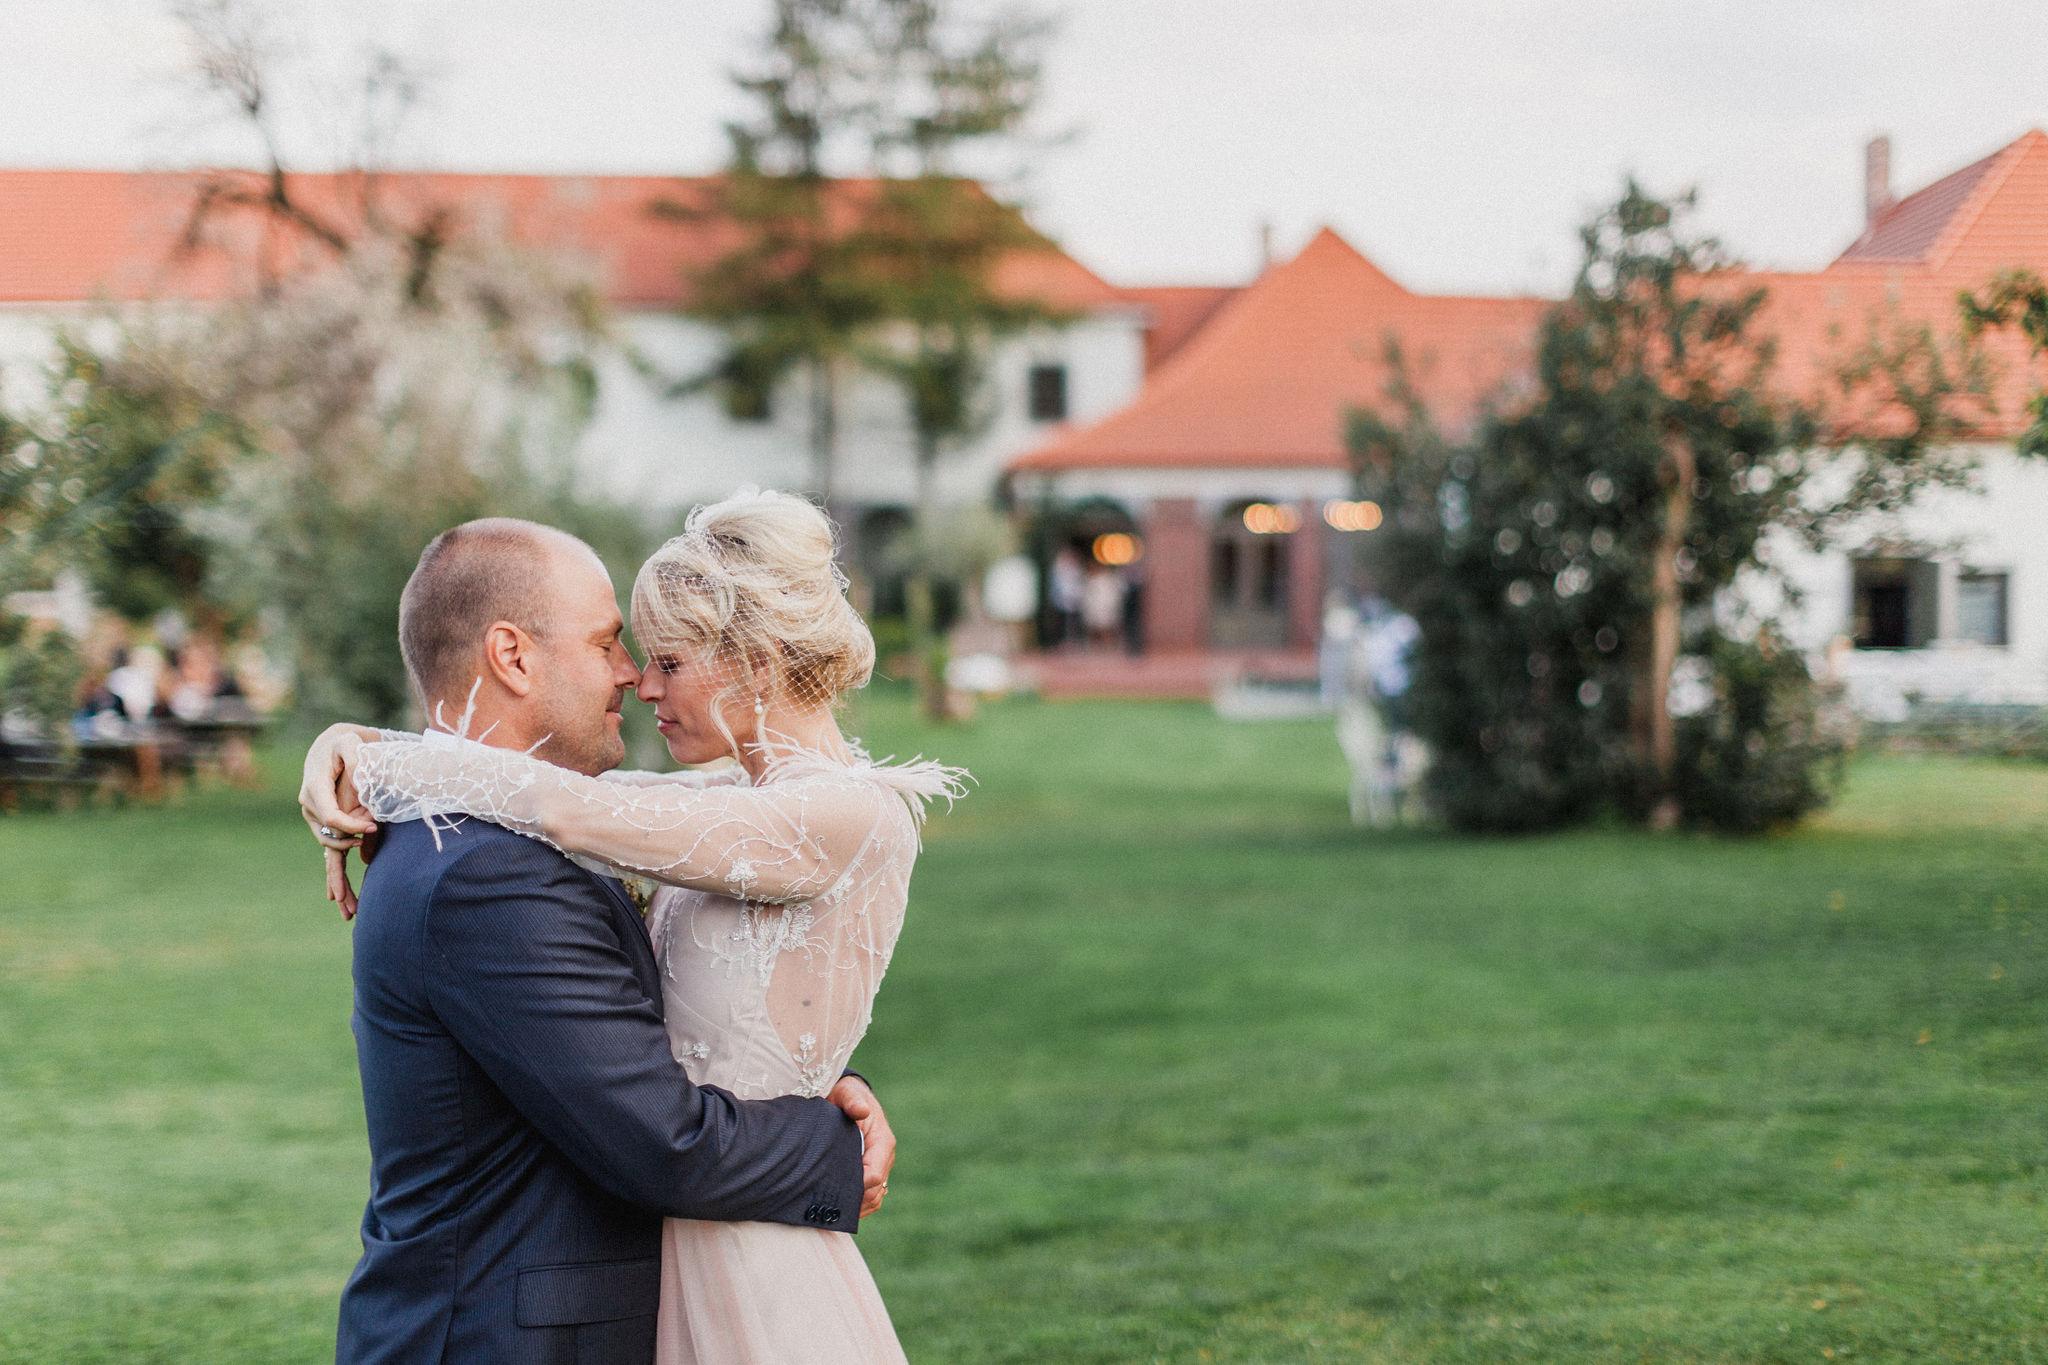 svadba_iva&jaro_422